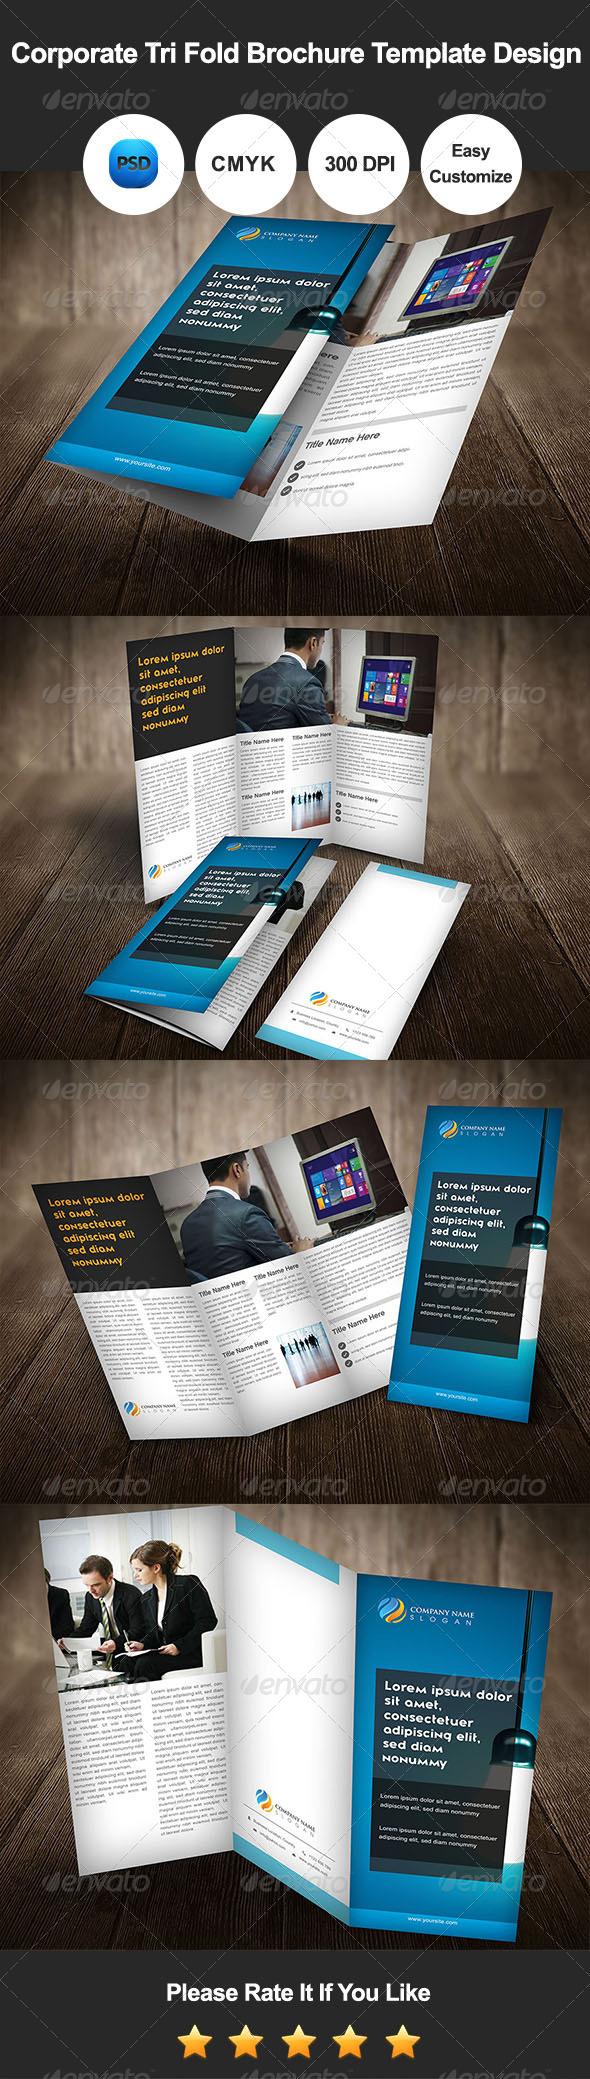 GraphicRiver Corporate Tri Fold Brochure Template Design 7408280